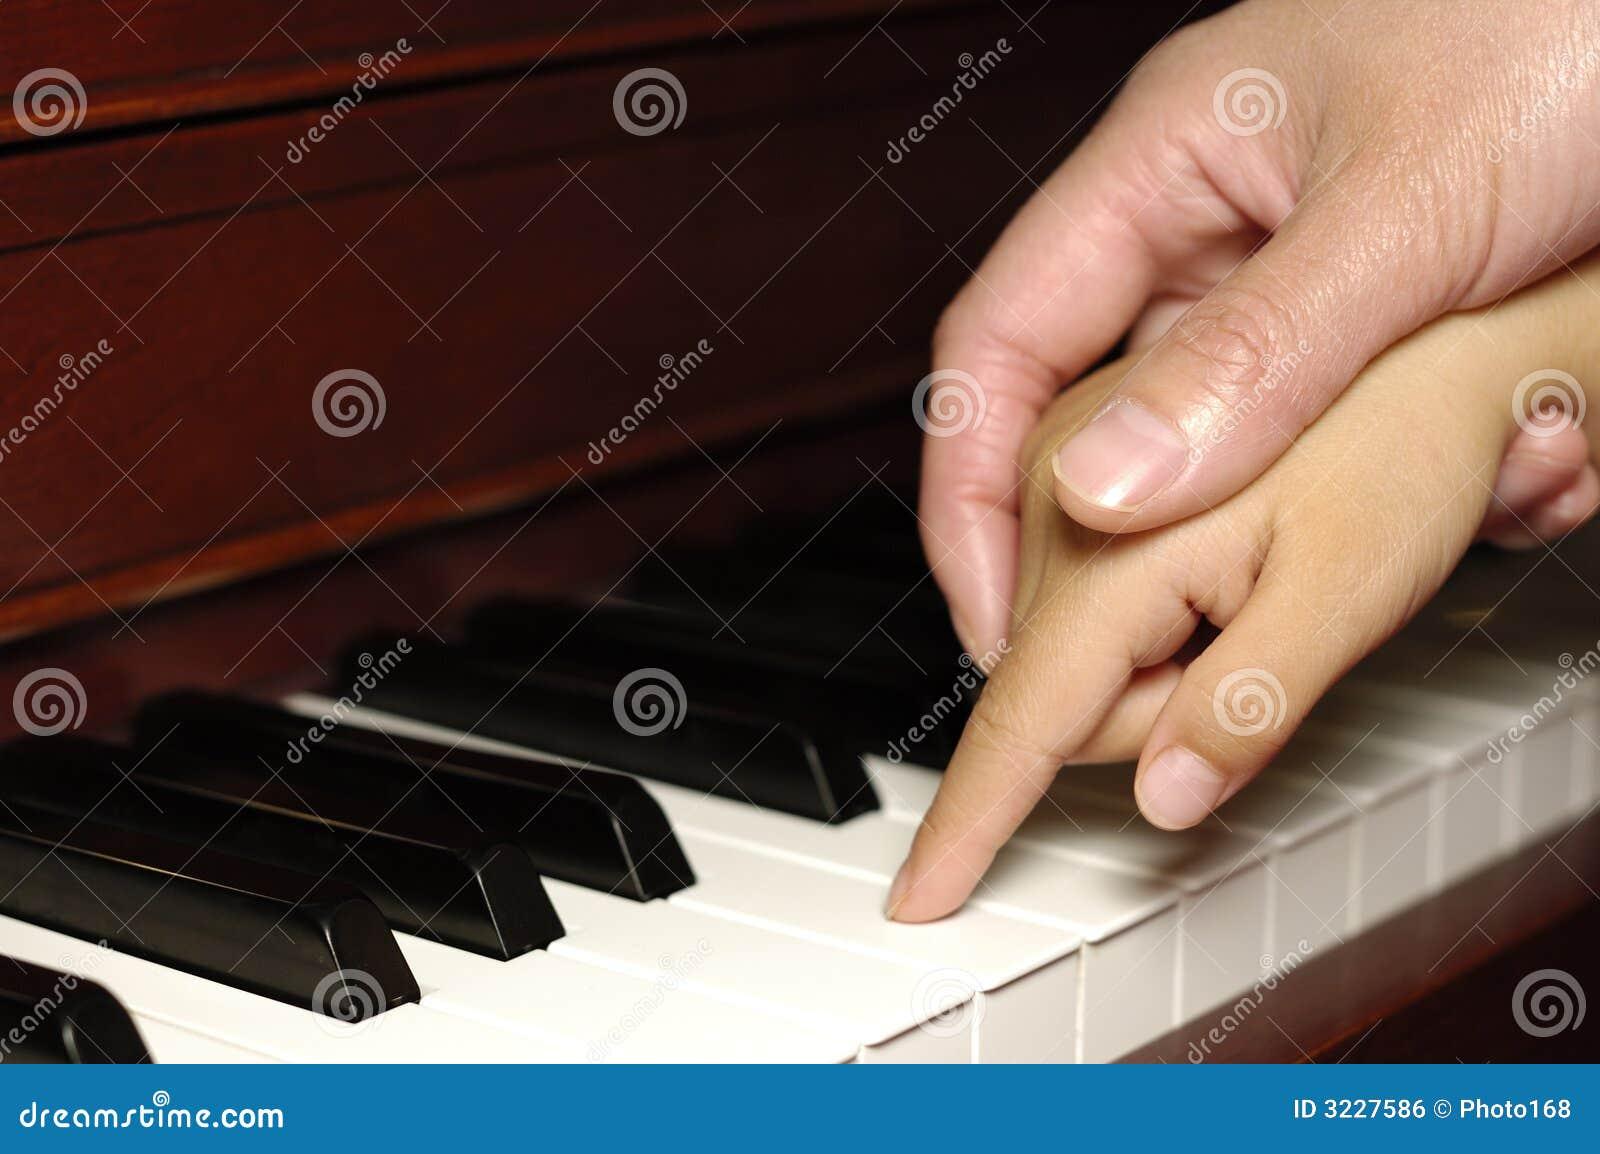 Украинская учительница со своей ученицей дают уроки на фортепиано 9 фотография